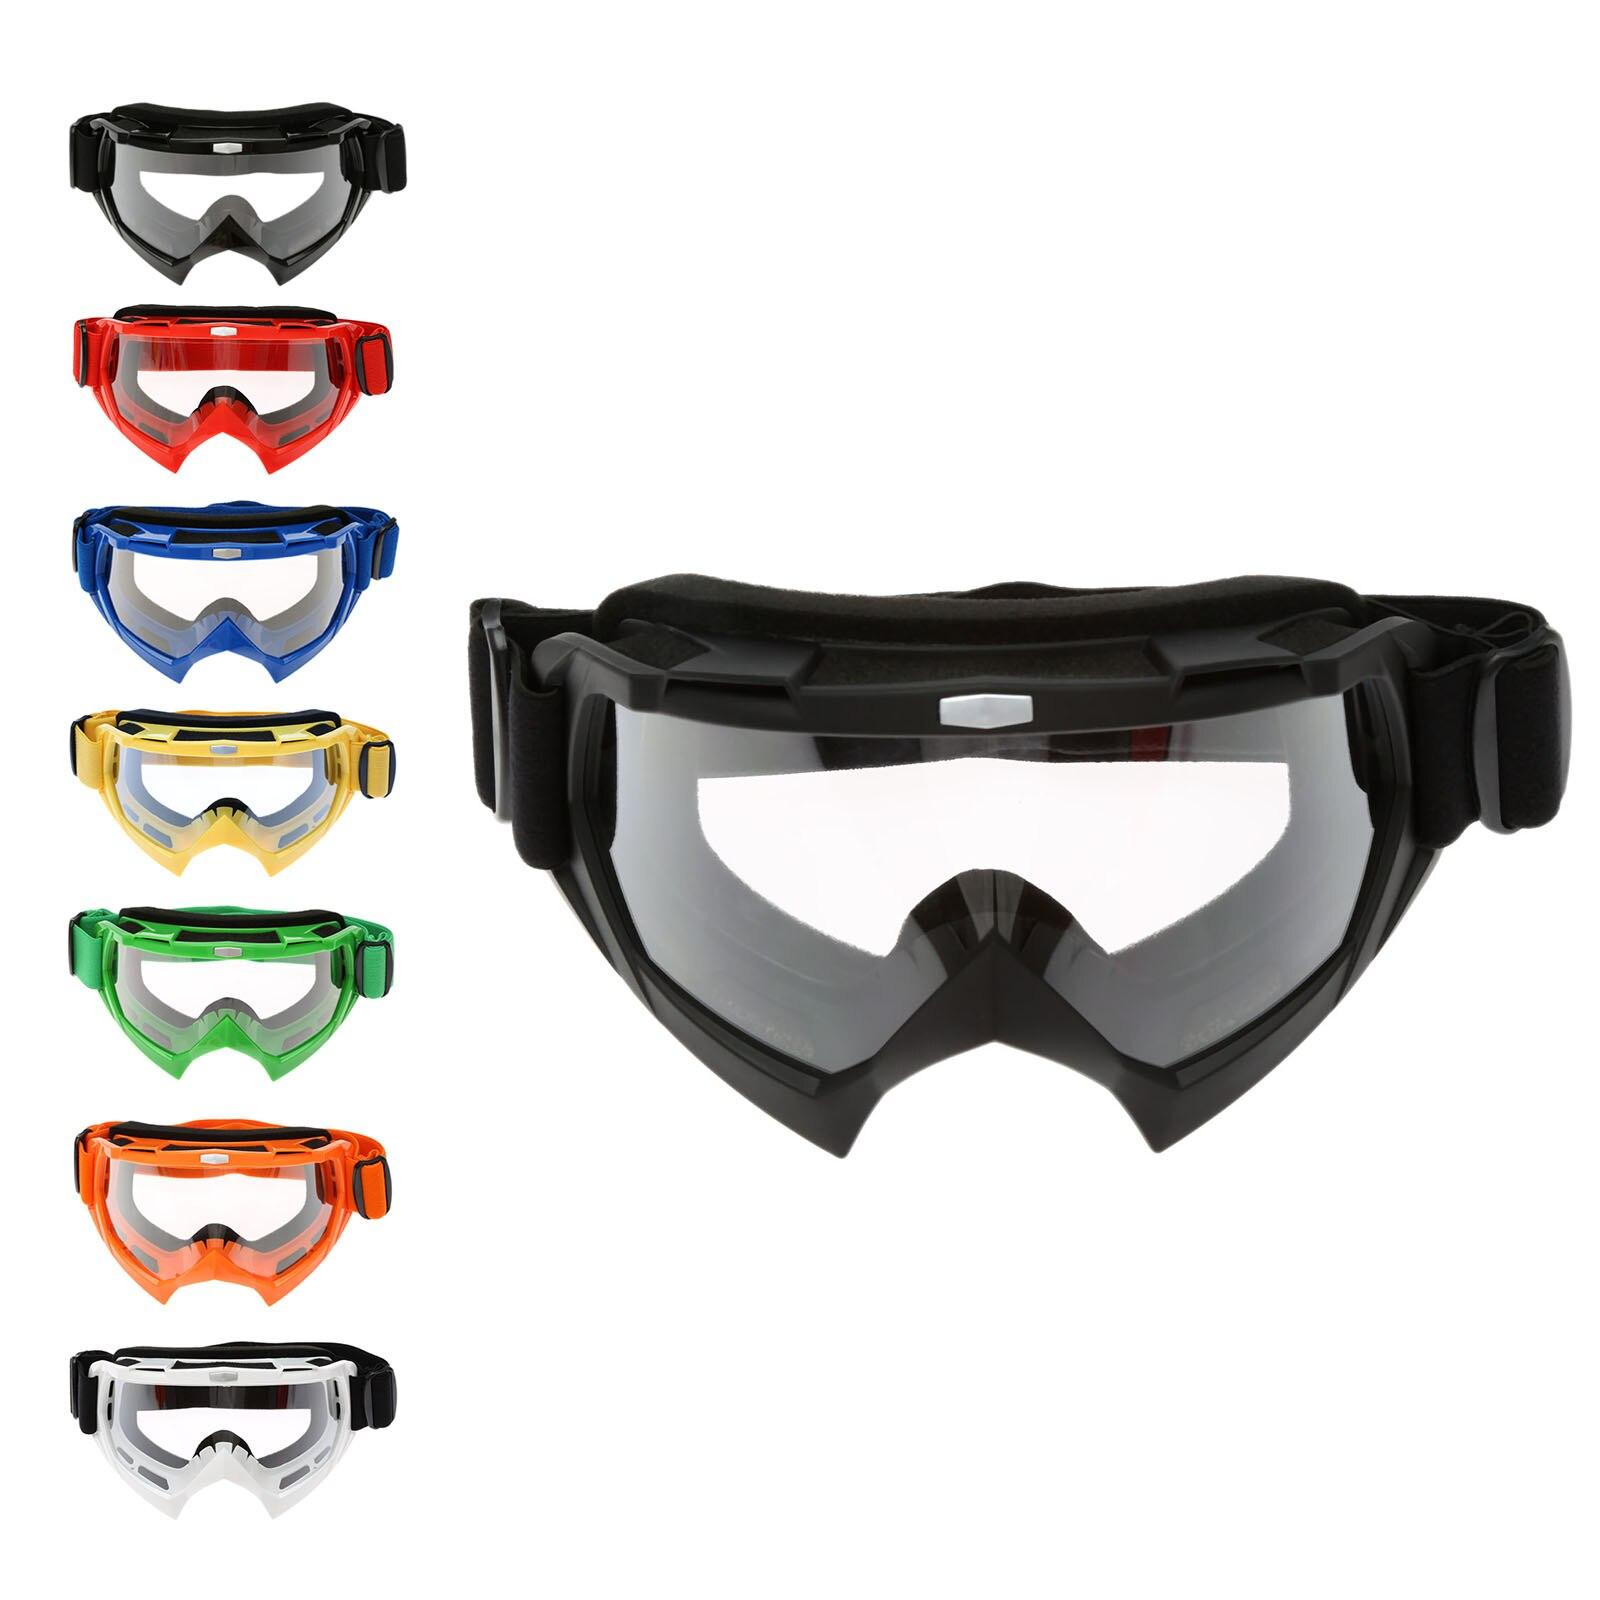 Óculos de Motocross Capacetes de Equitação Goggles Ski Snowboard Skate Motocicleta Off-Road ATV Dirt Bike Enduro Downhill Óculos À Prova de Poeira